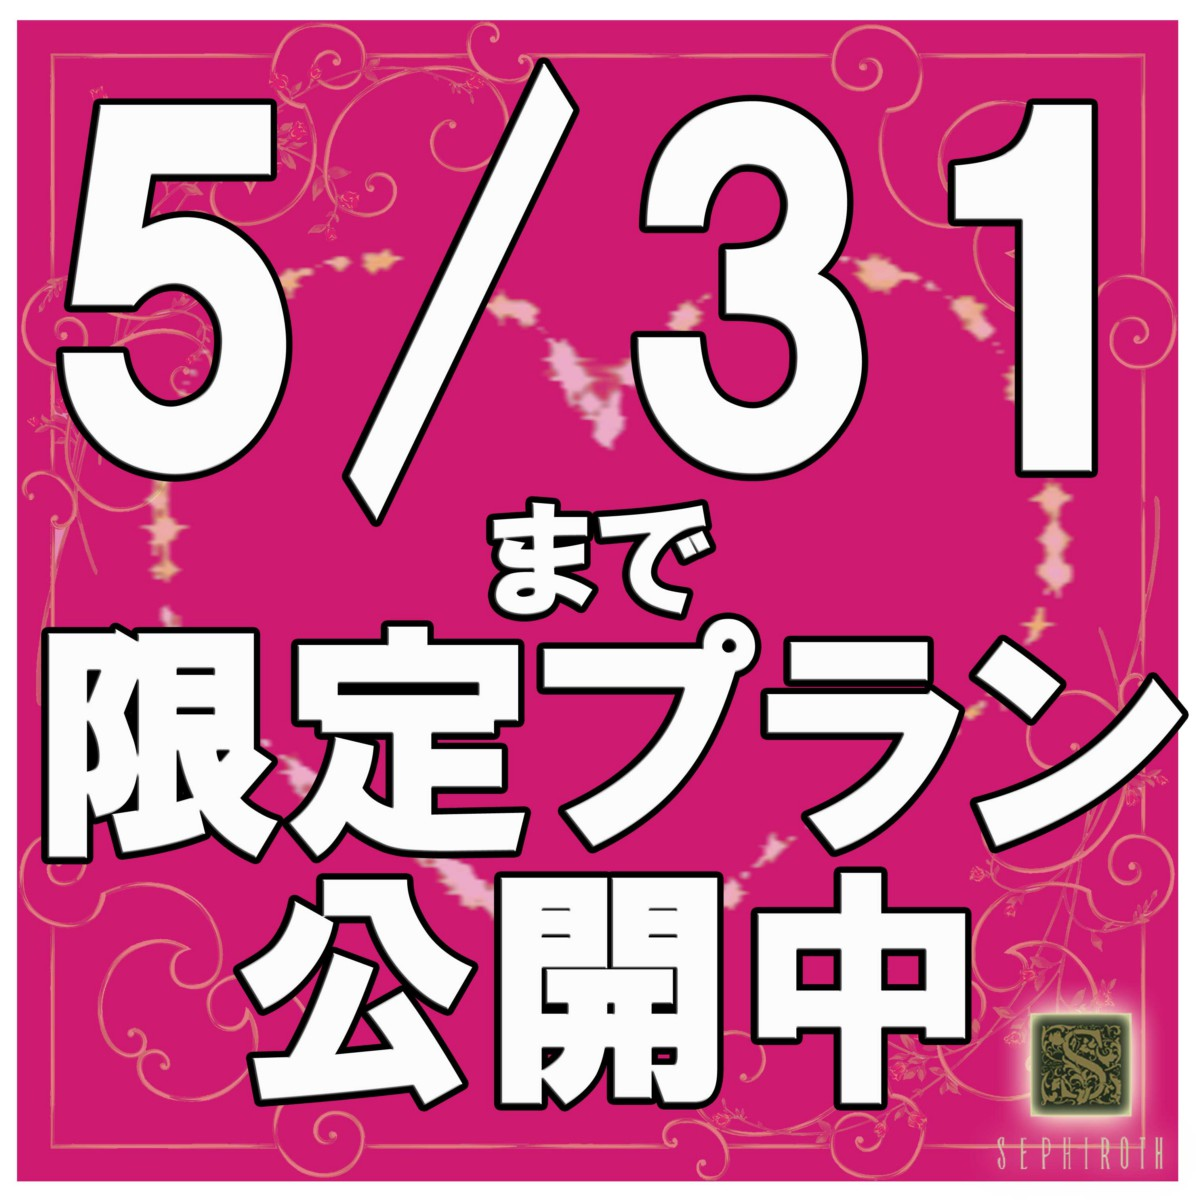 挙式後、後払いOK!5/31までの来館者限定特別プラン公開!!組数限定